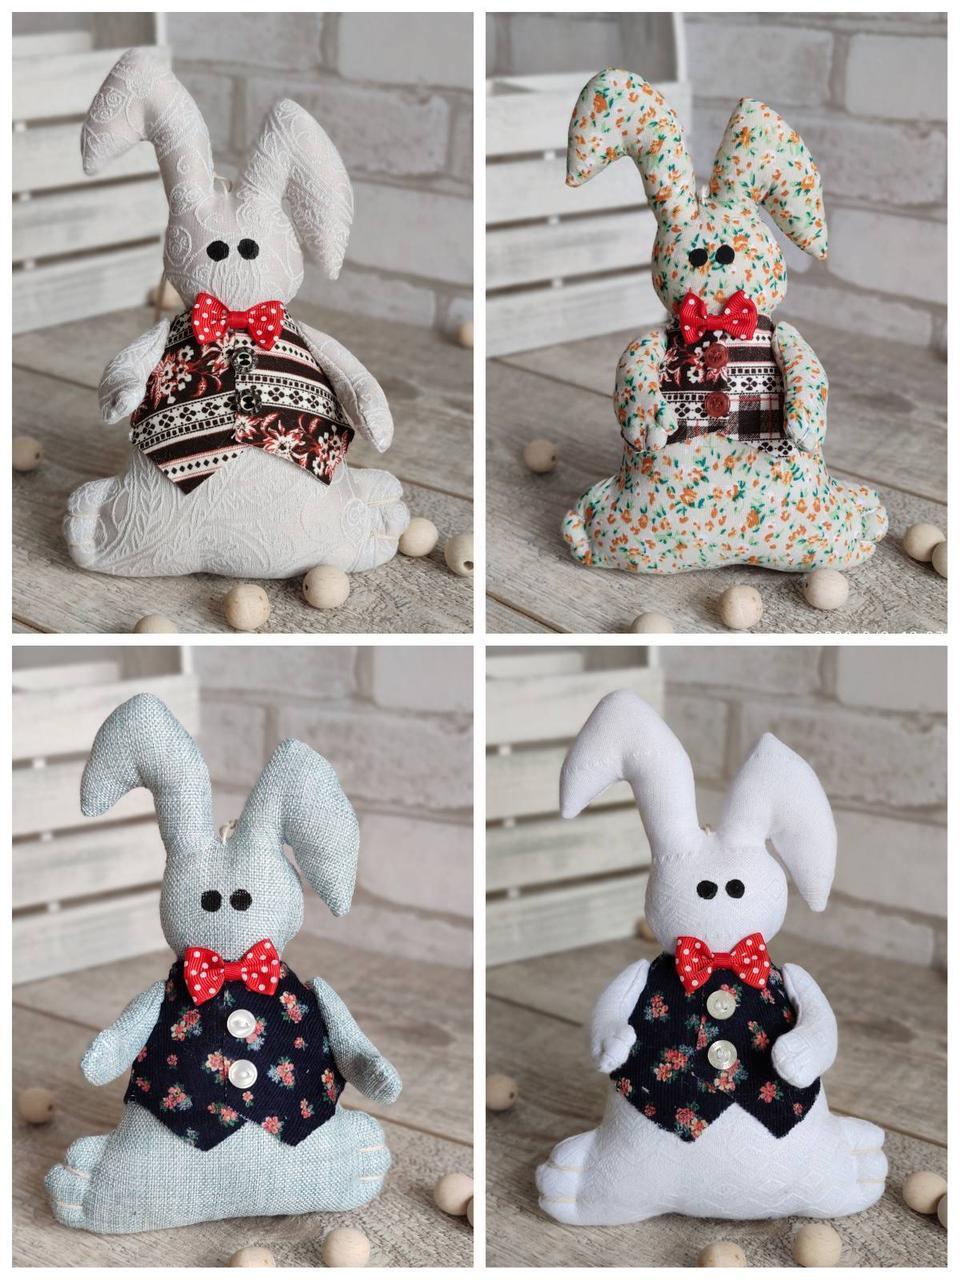 Іграшка зайчик-кролик із підвіскою, ручна робота, льон, бязь, сатин, 23 см., 150/130 (цена за 1 шт. + 20 гр.)